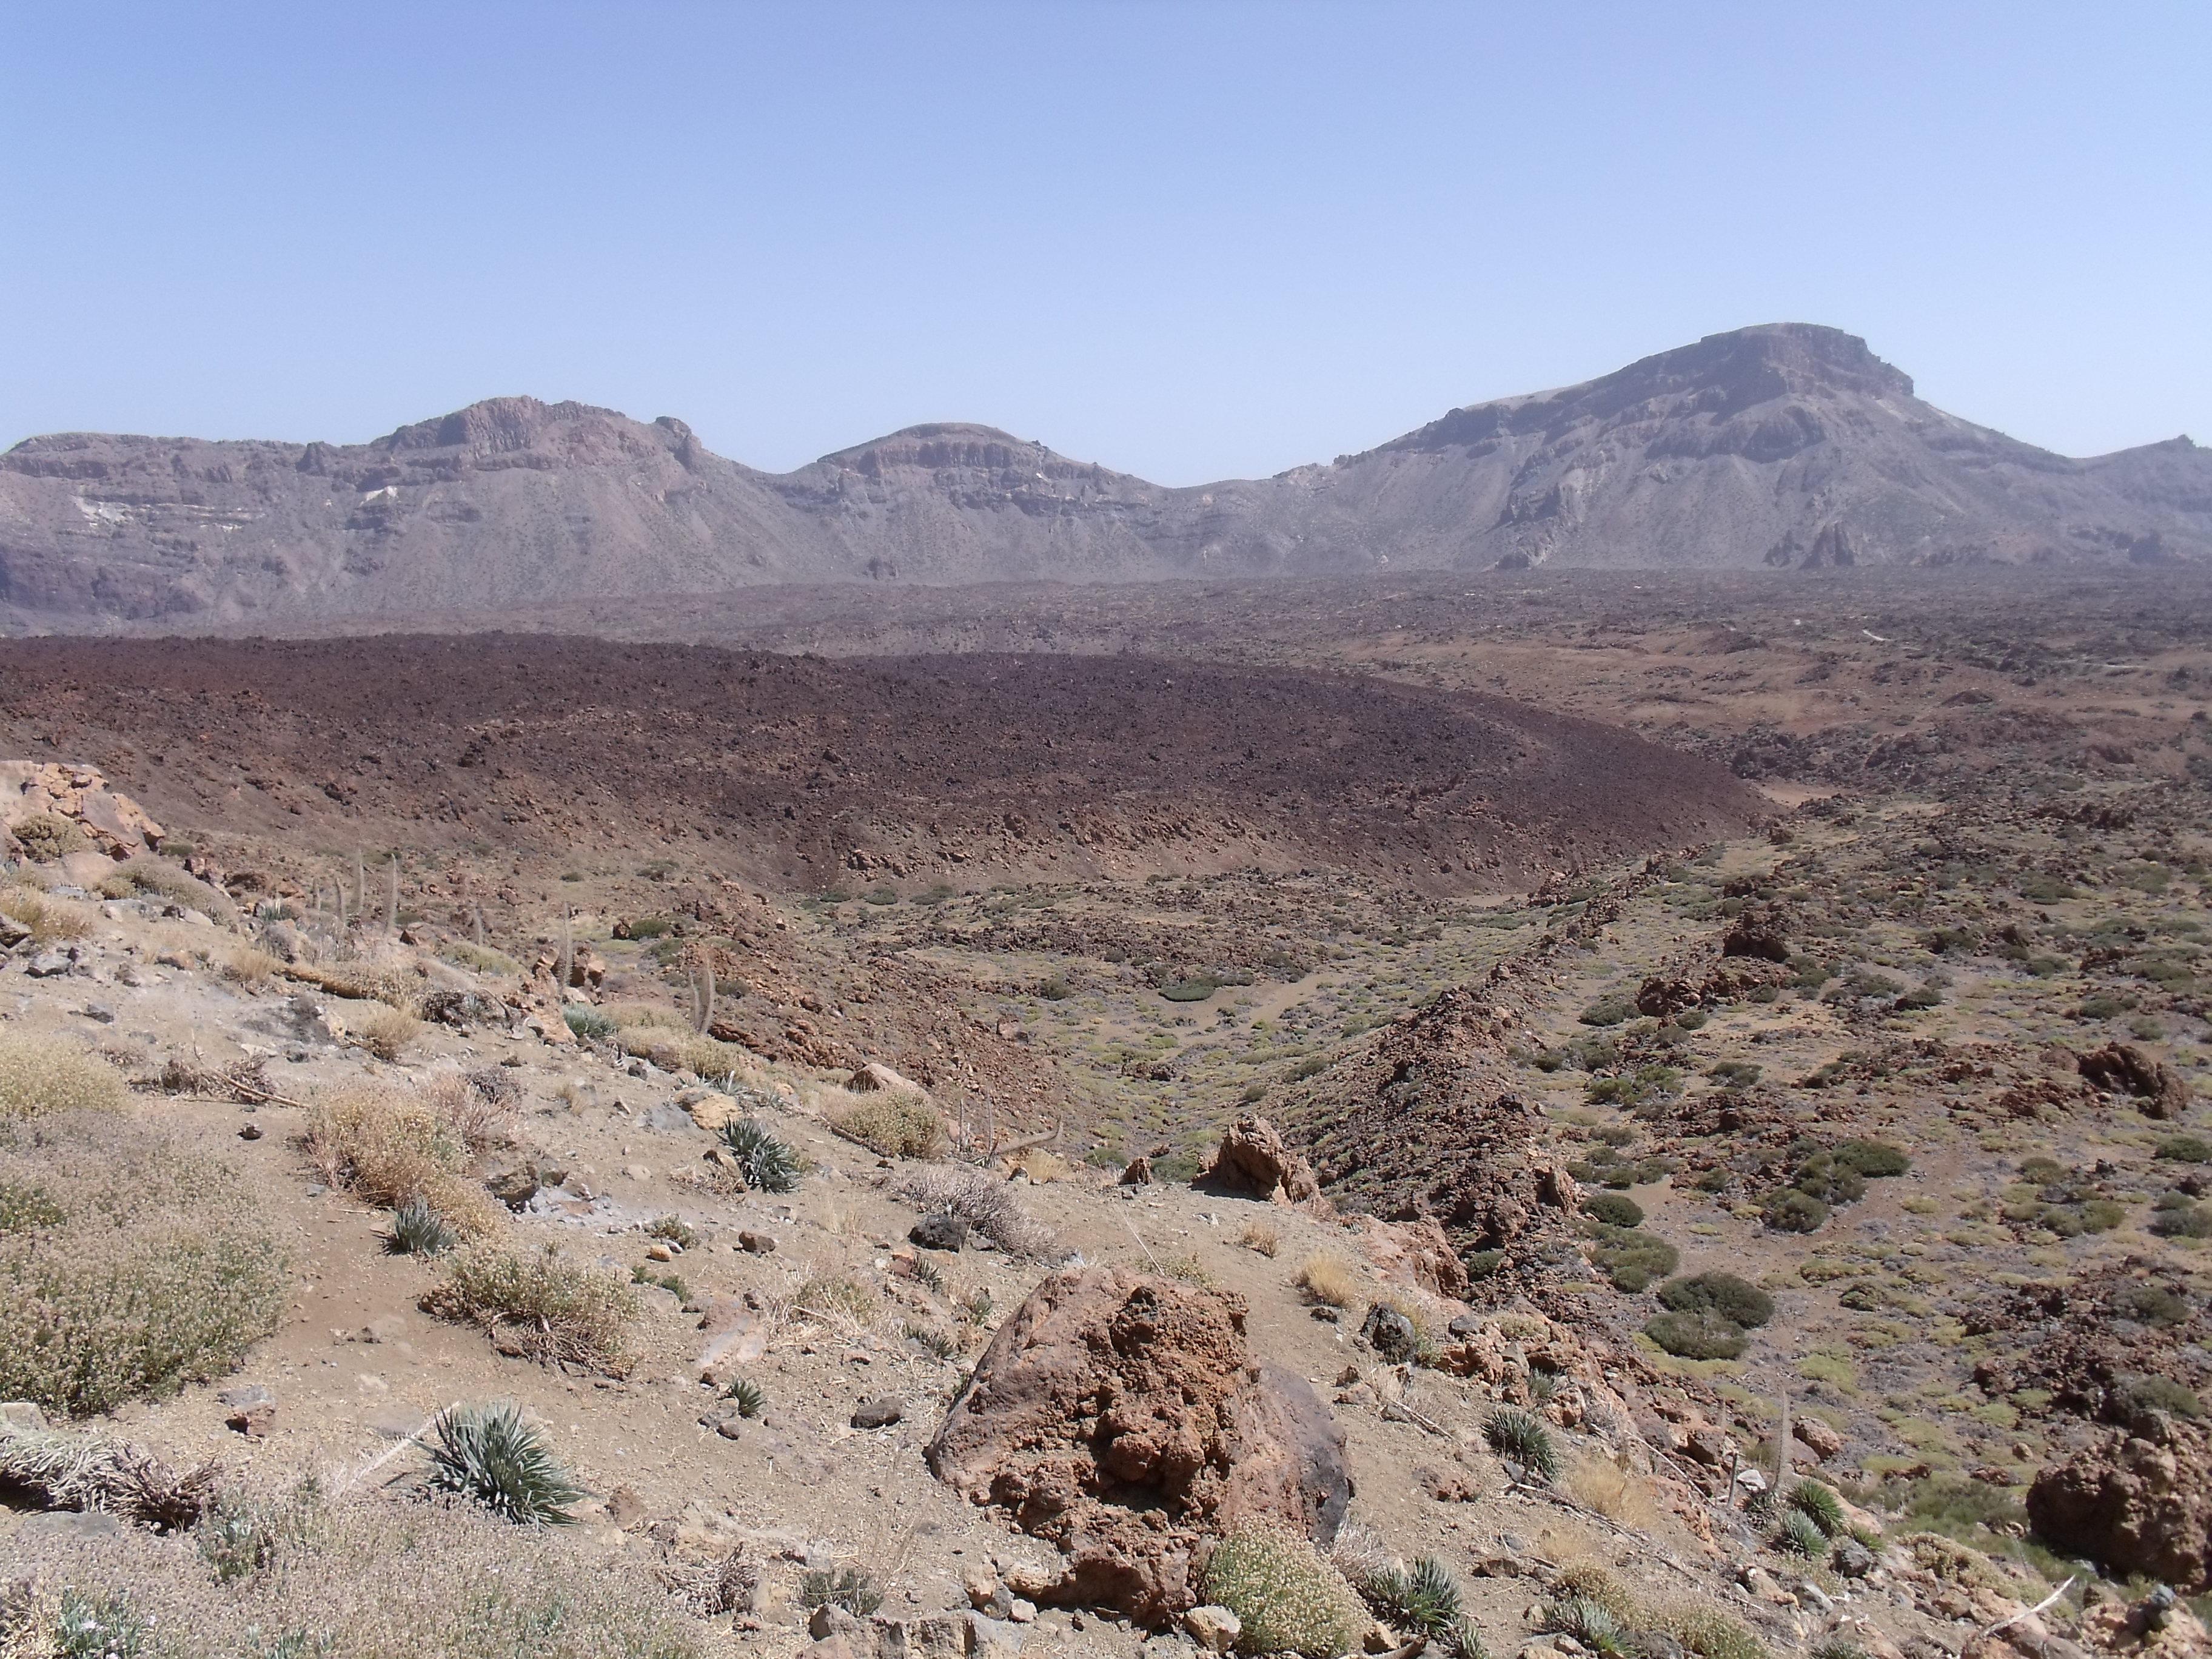 Une coulée de lave sur l'ile de Tenerife